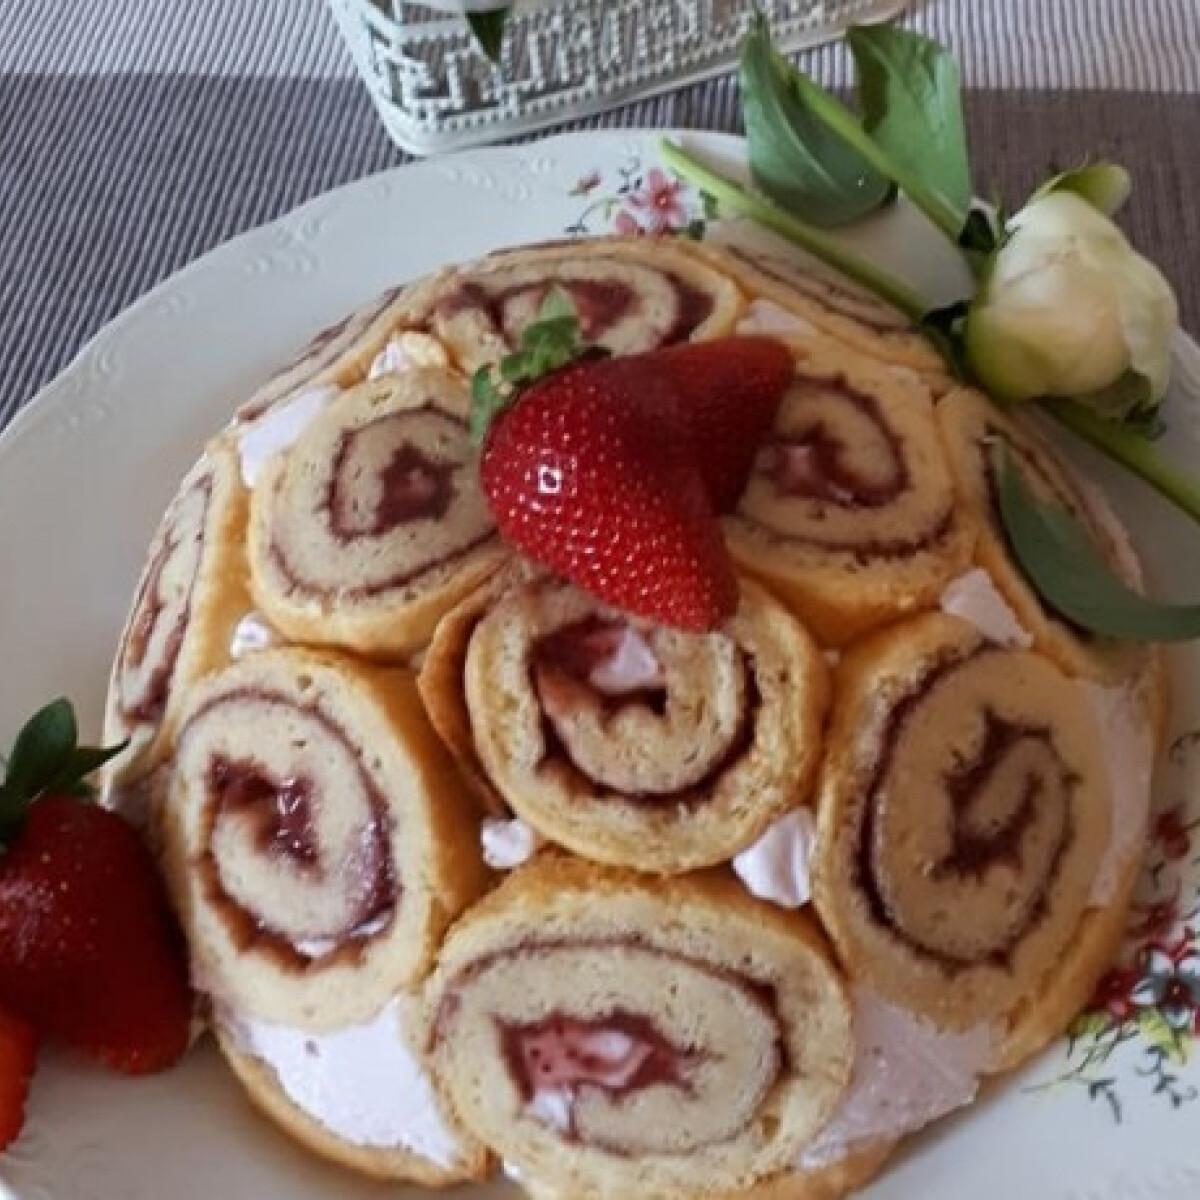 Ezen a képen: Fitt, diétás, epres charlotte